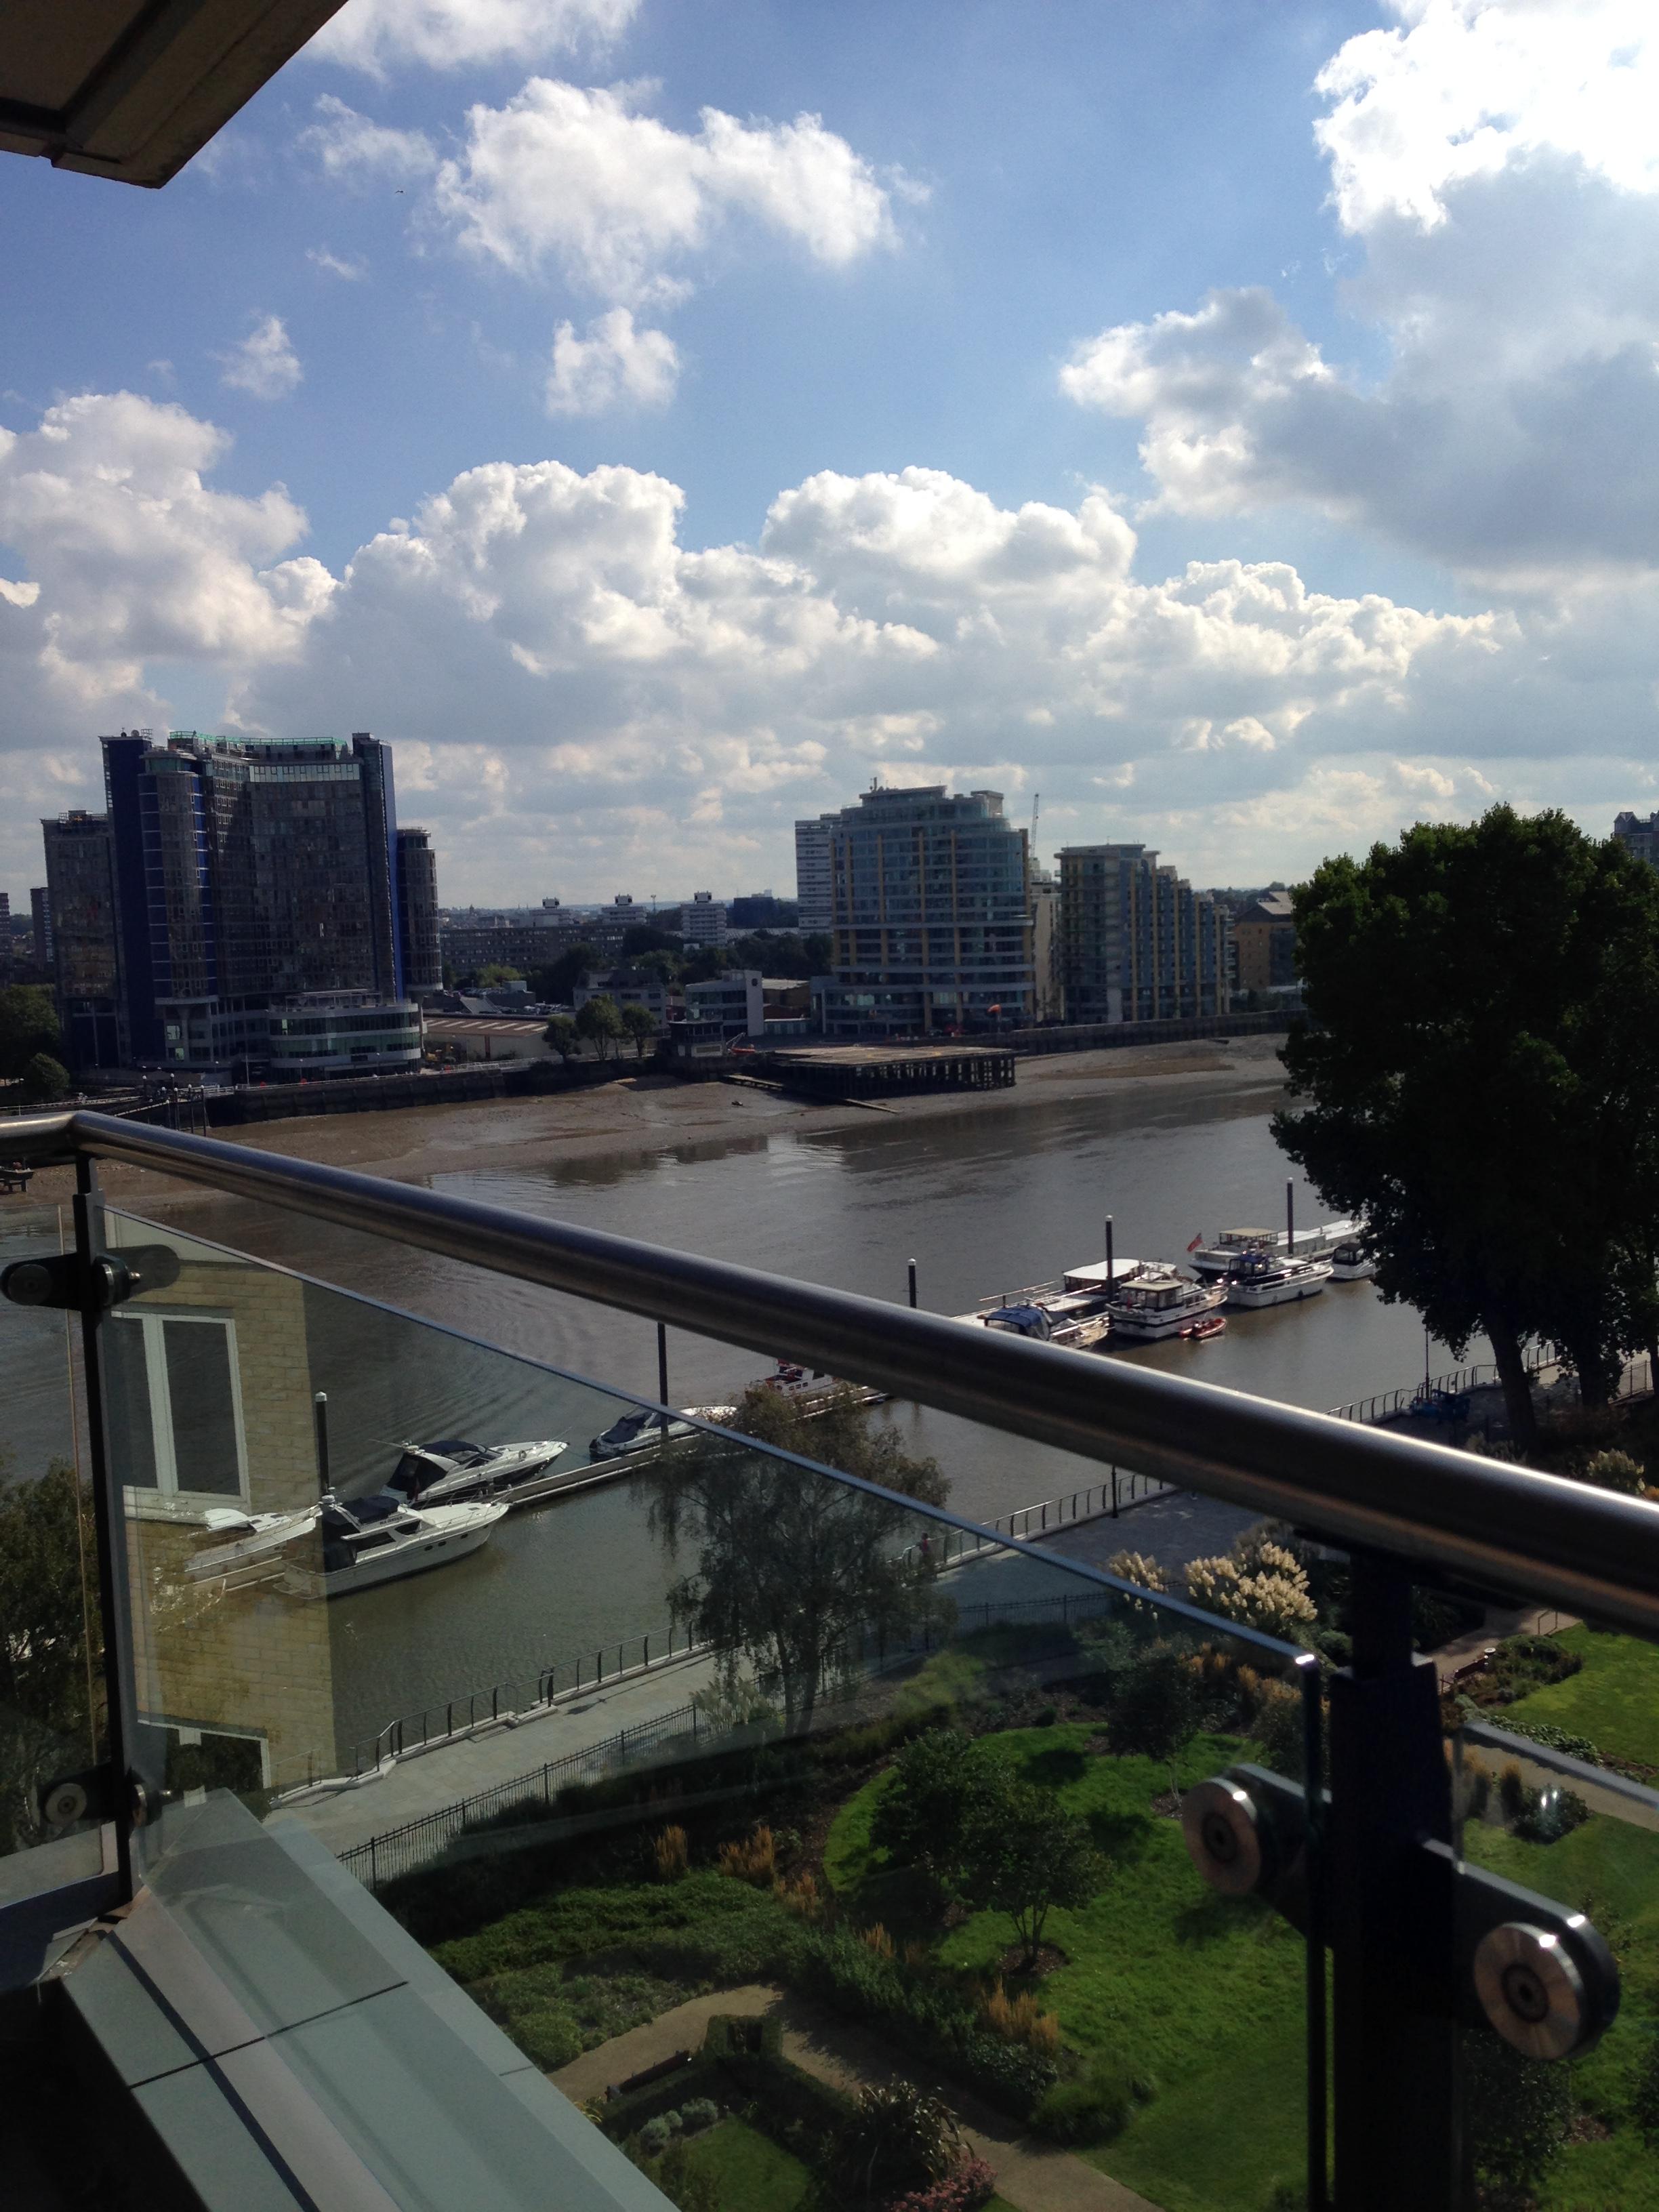 Imperial wharf london